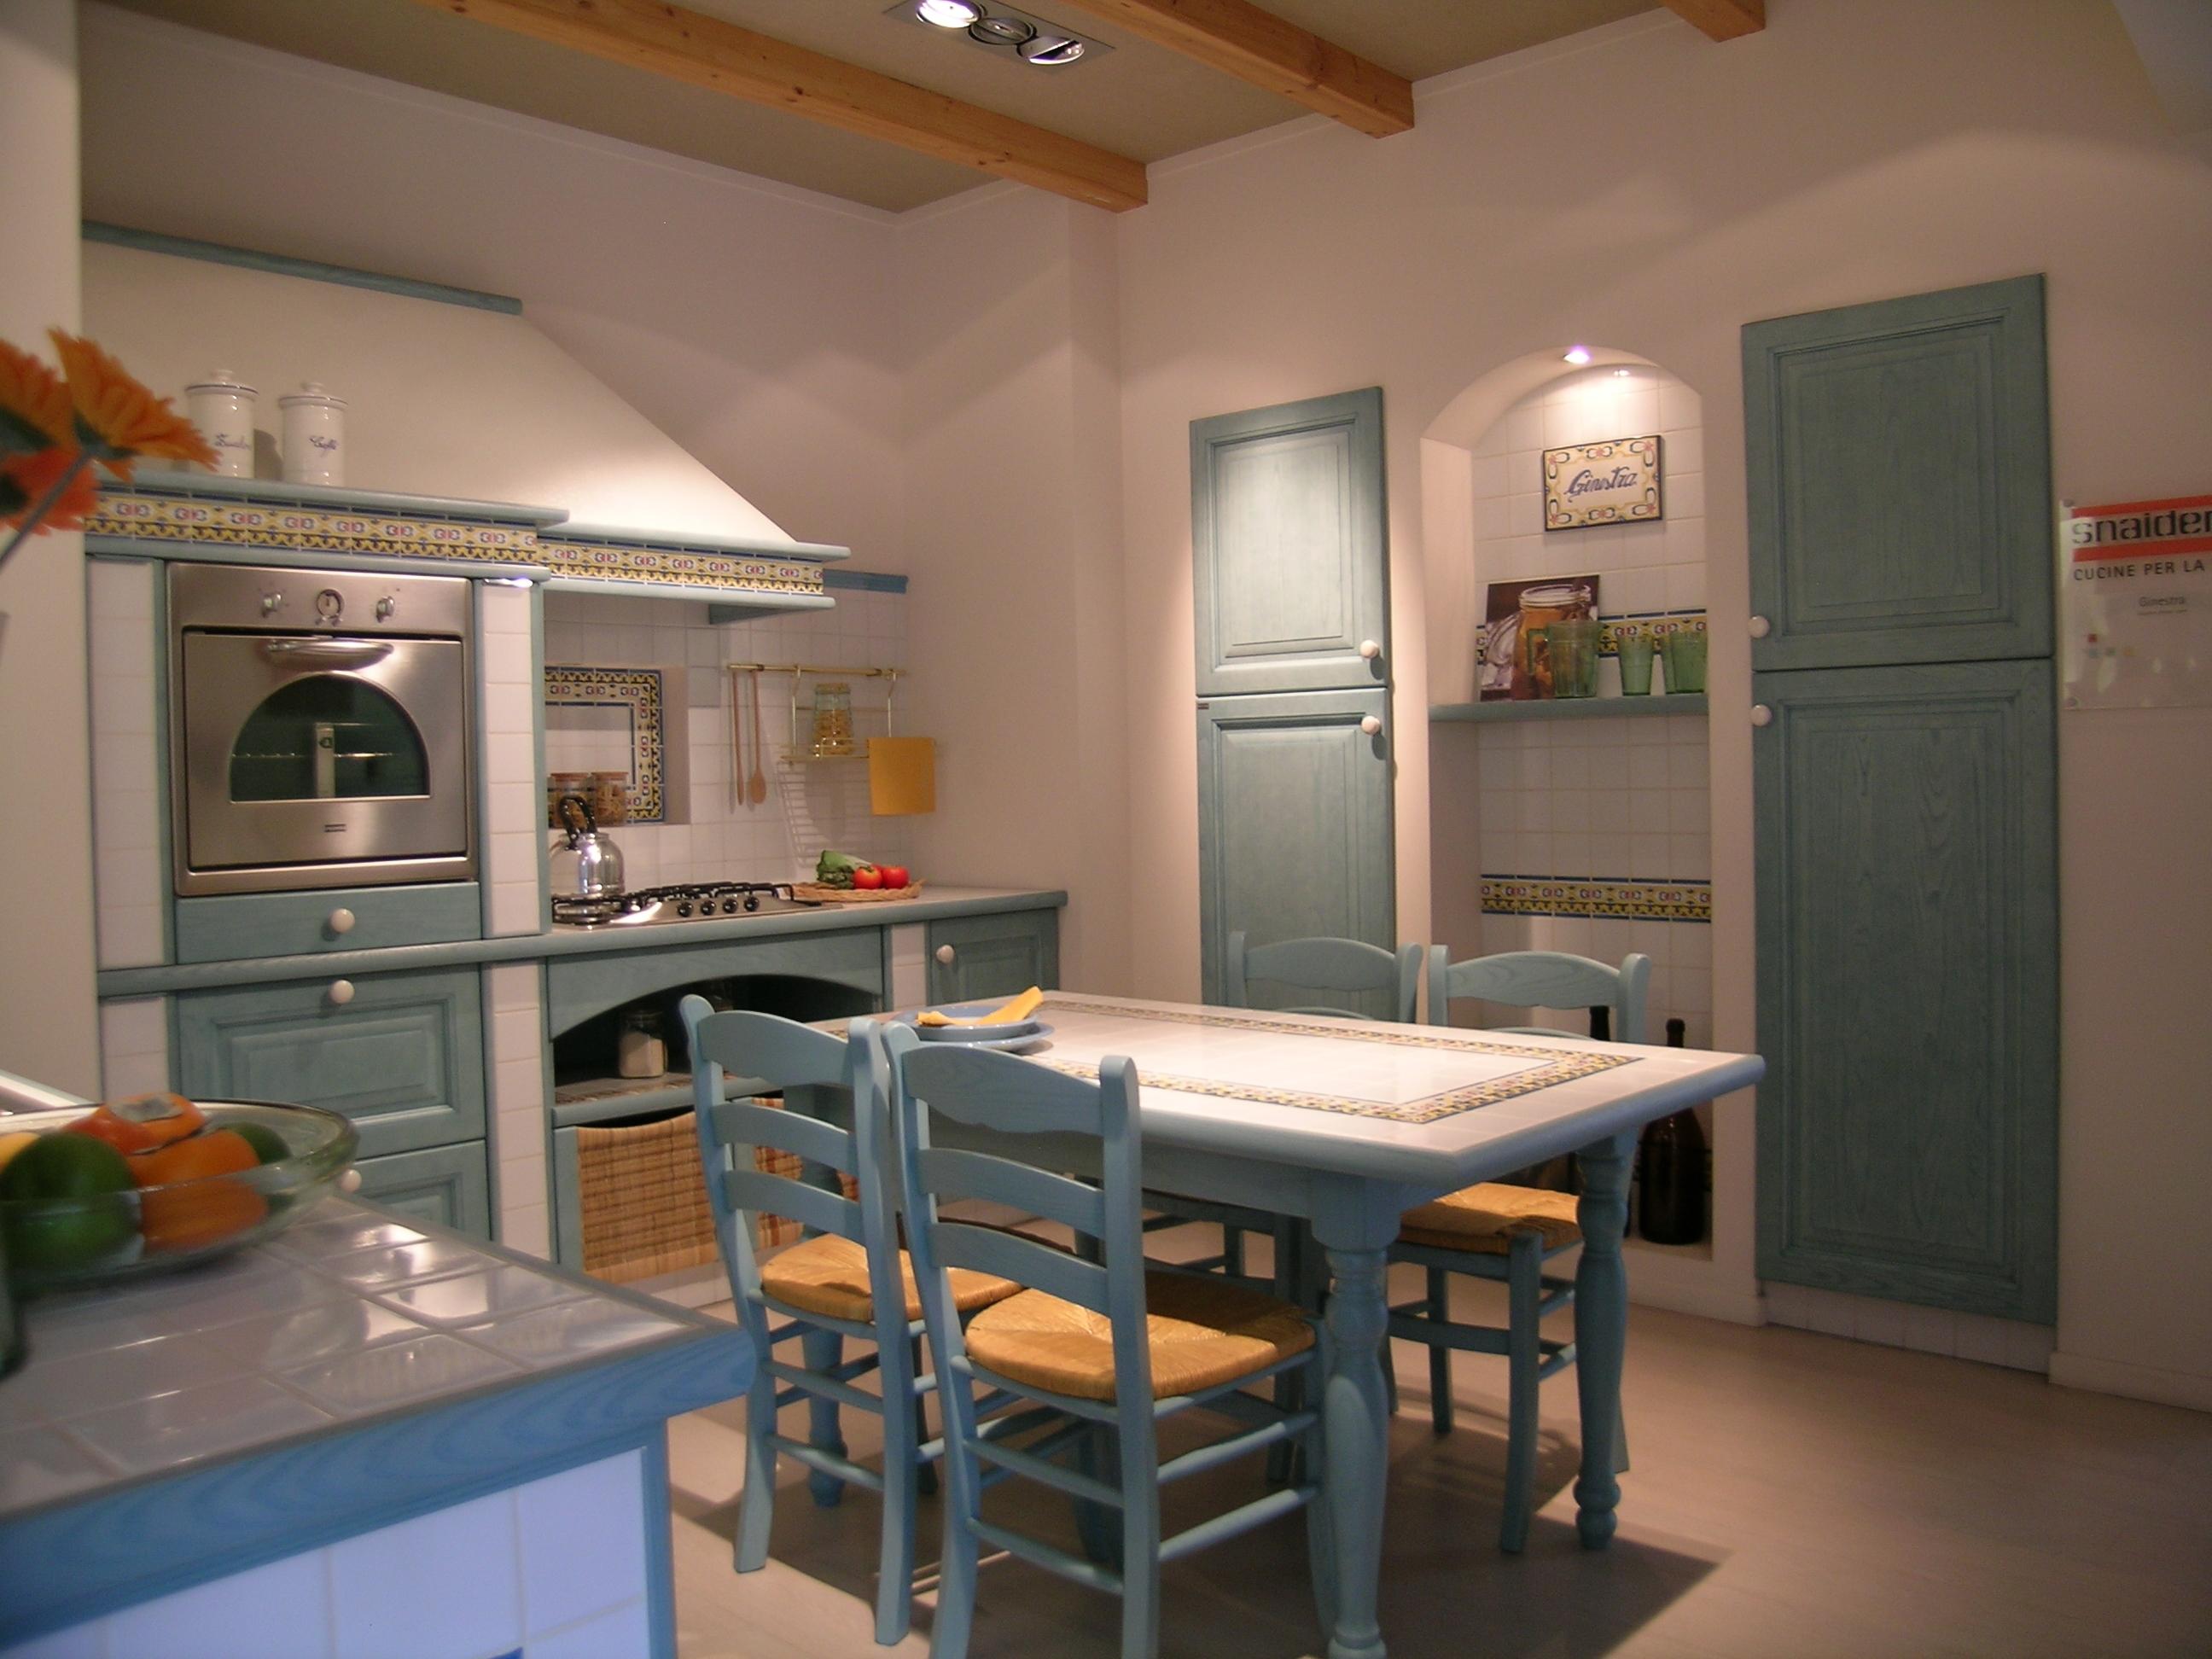 Cucine snaidero listino prezzi cool cucina snaidero skyline venduto with cucine snaidero - Cucina skyline snaidero prezzi ...